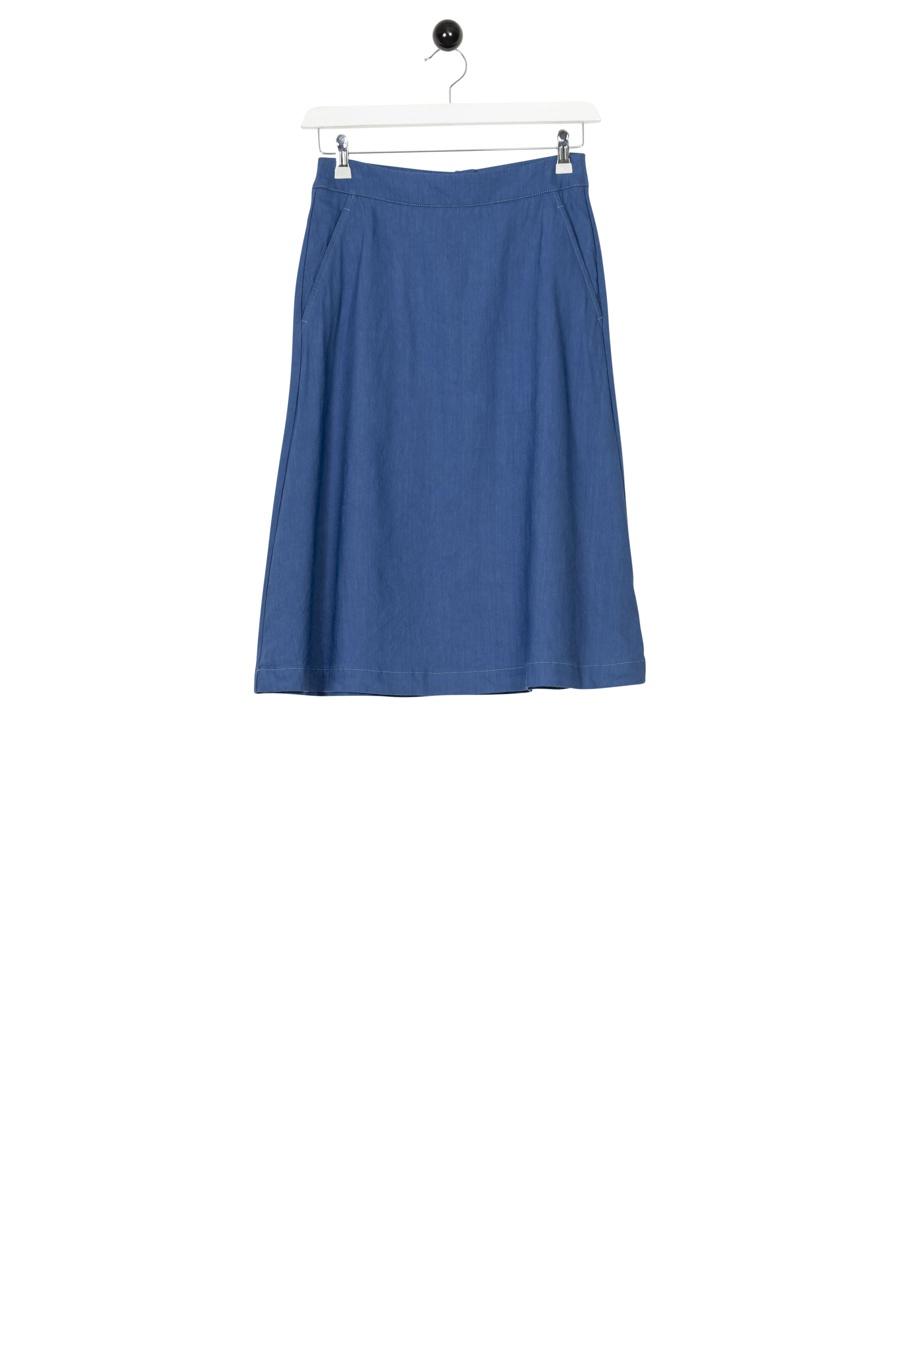 Nimes Skirt